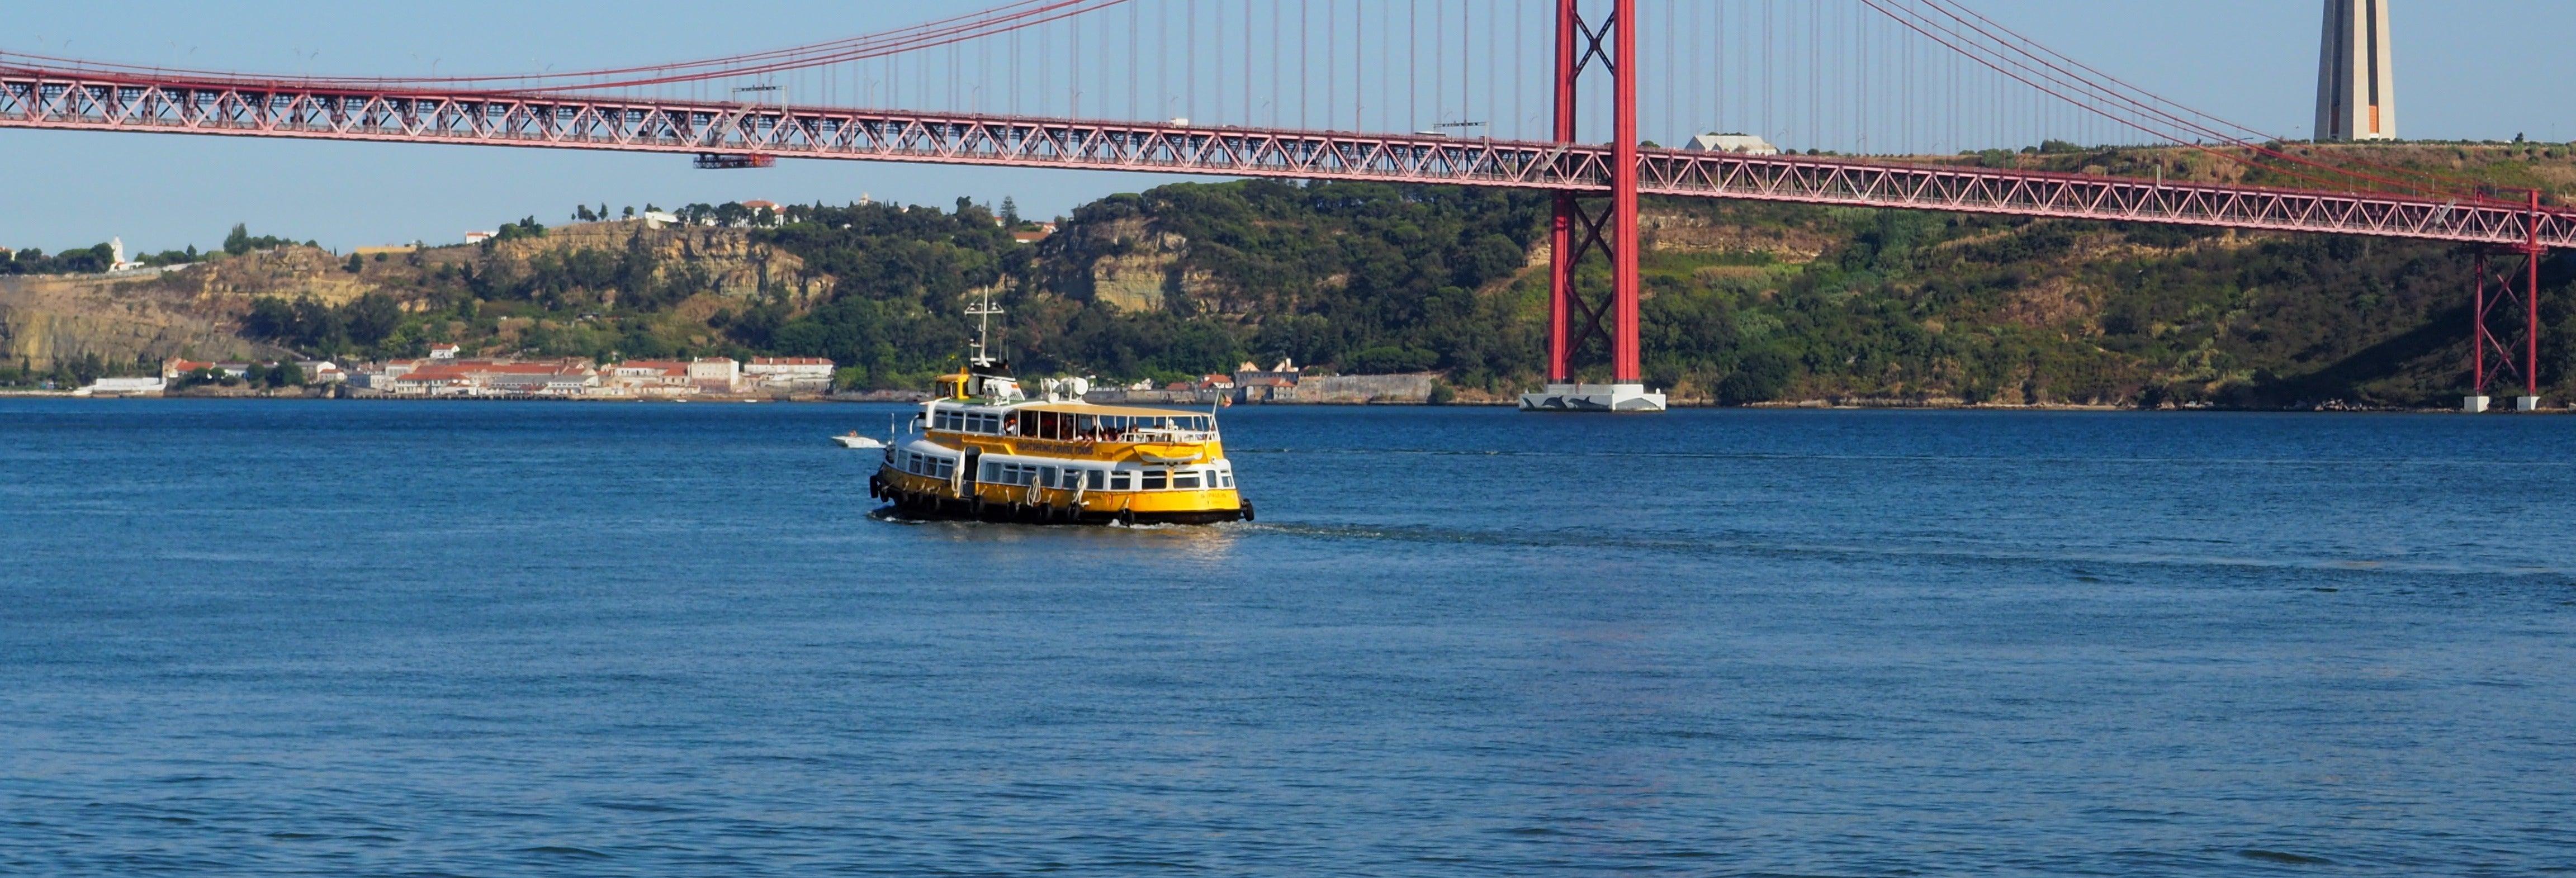 Barco turístico de Lisboa